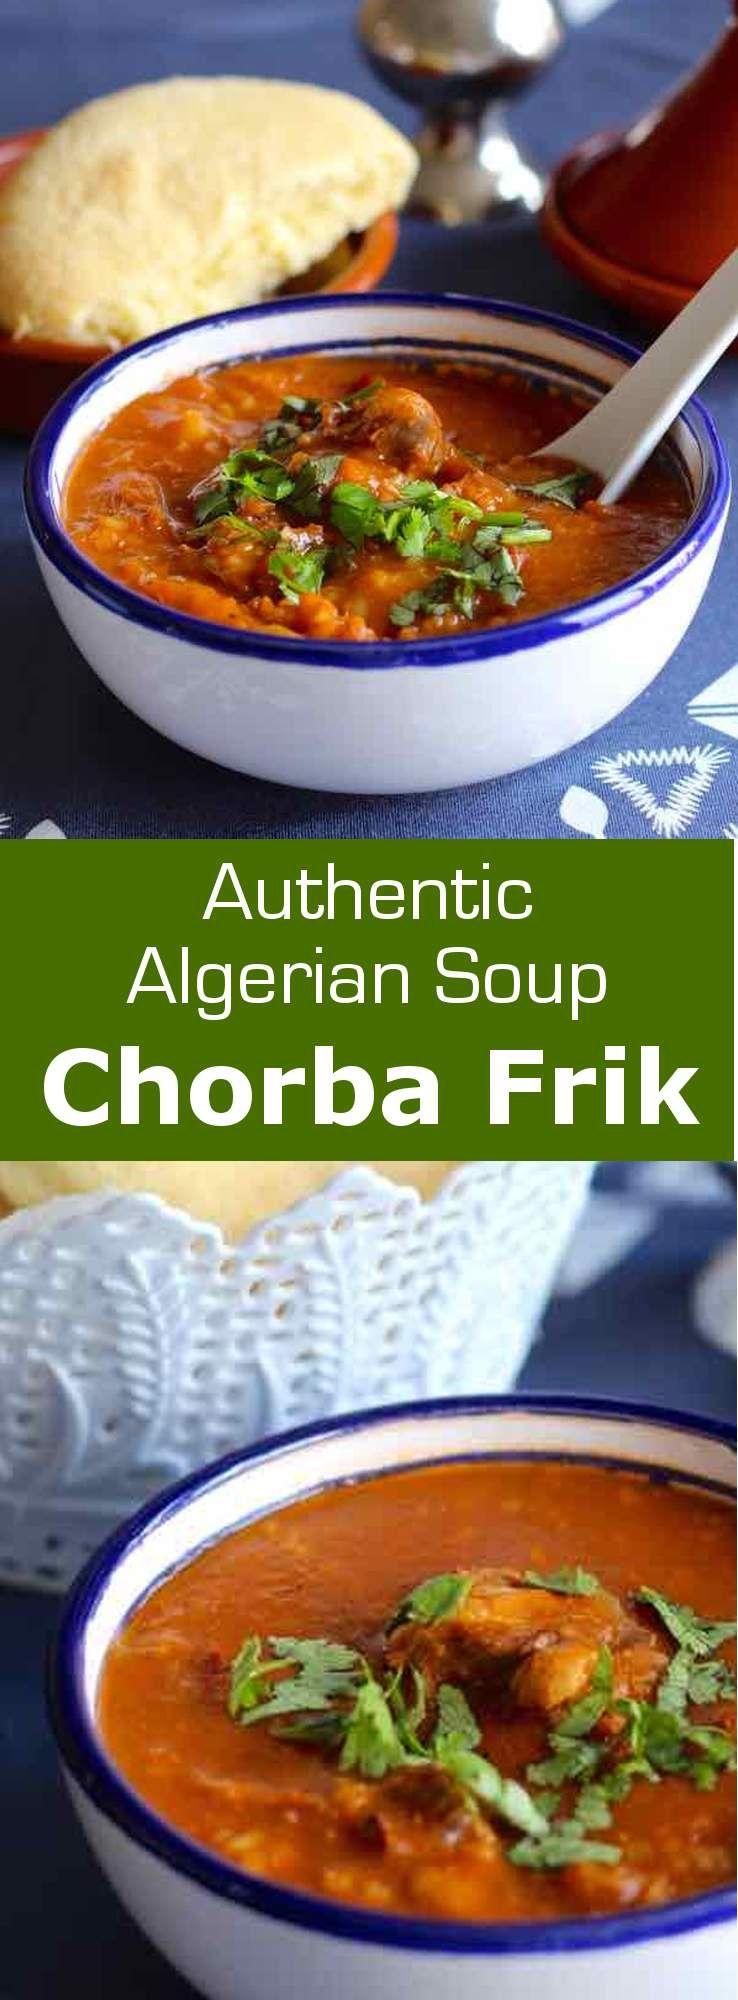 La chorba frik est une variante de la soupe traditionnelle maghr bine tr s consomm e en alg rie - Cuisine algerienne traditionnelle ...